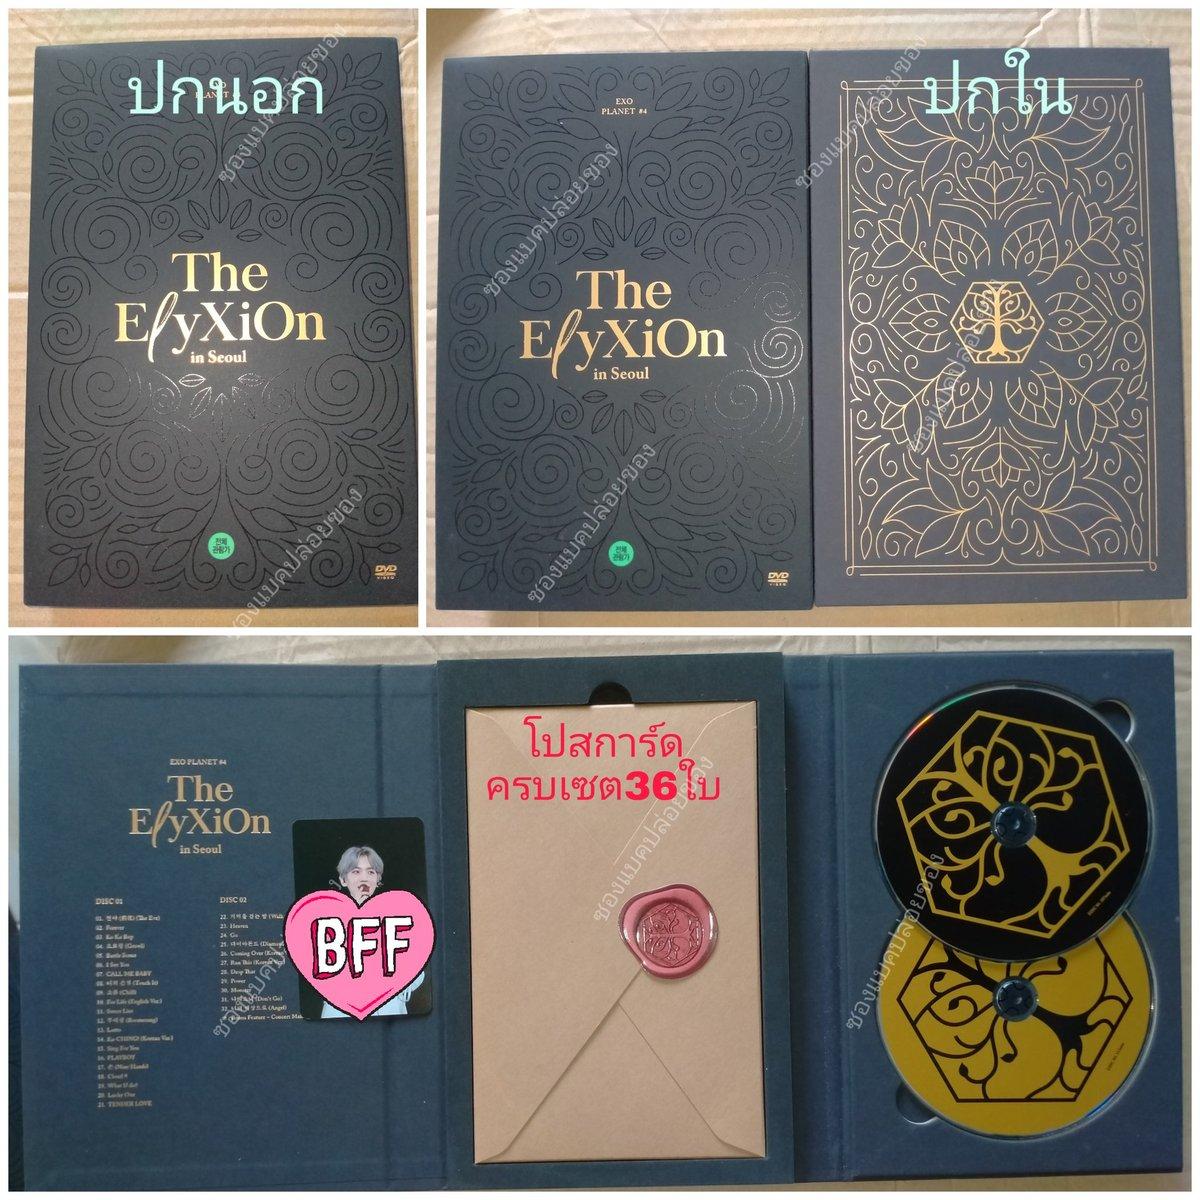 #ซองแบคปล่อยของ DVD The ElyXiOn in Seoul EXO PLANET #4 ไม่เคยเปิดดู🥺  DVD& Package 500฿ (ส่ง 50/70)  โปสการ์ด ครบเซต 36ใบ 450฿ หรือแบบแยกใบละ30฿ (แจ้งเมมเบอร์&เลข)  ค่าส่ง 30/50  #แบคฮยอน #ชานยอล #เซฮุน #ไค #ซิ่วหมิน #ดีโอ #เฉิน #ซูโฮ #ขายของสะสมexo #ตลาดนัดexo